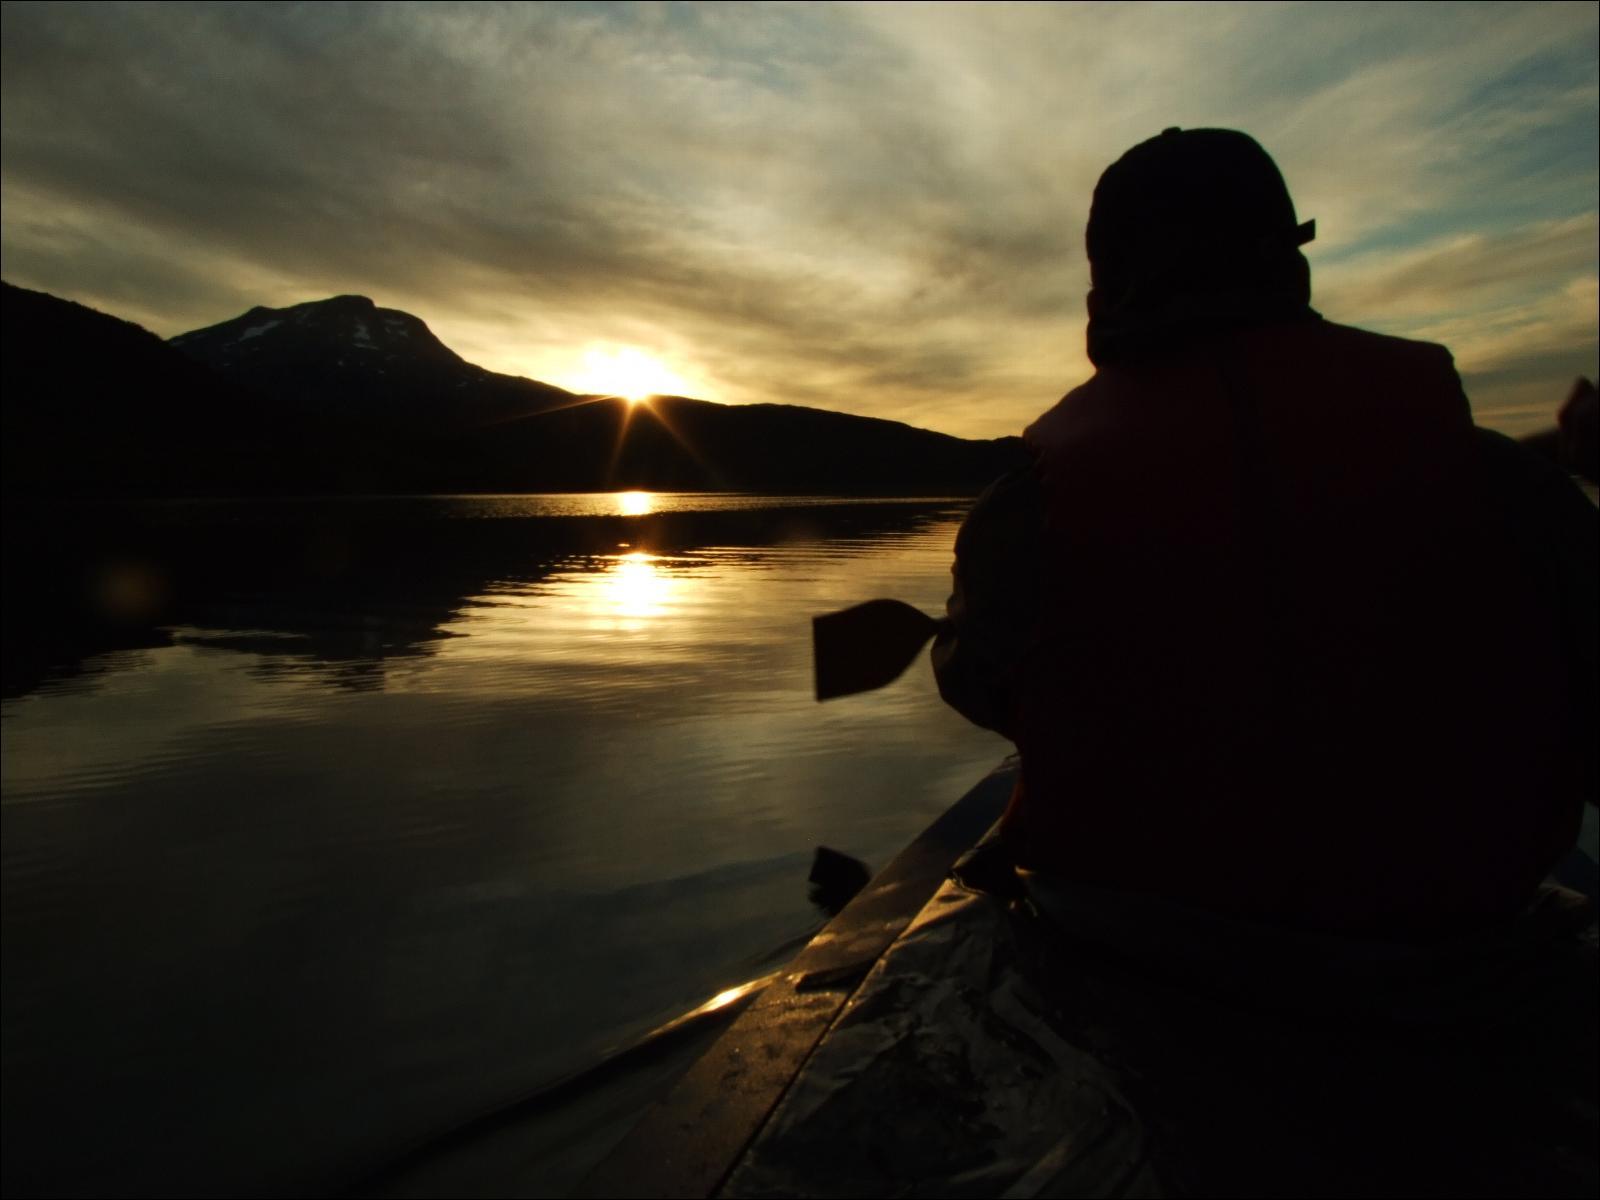 La Pêche Pêche Voyage Nature En La 7gby6Yf